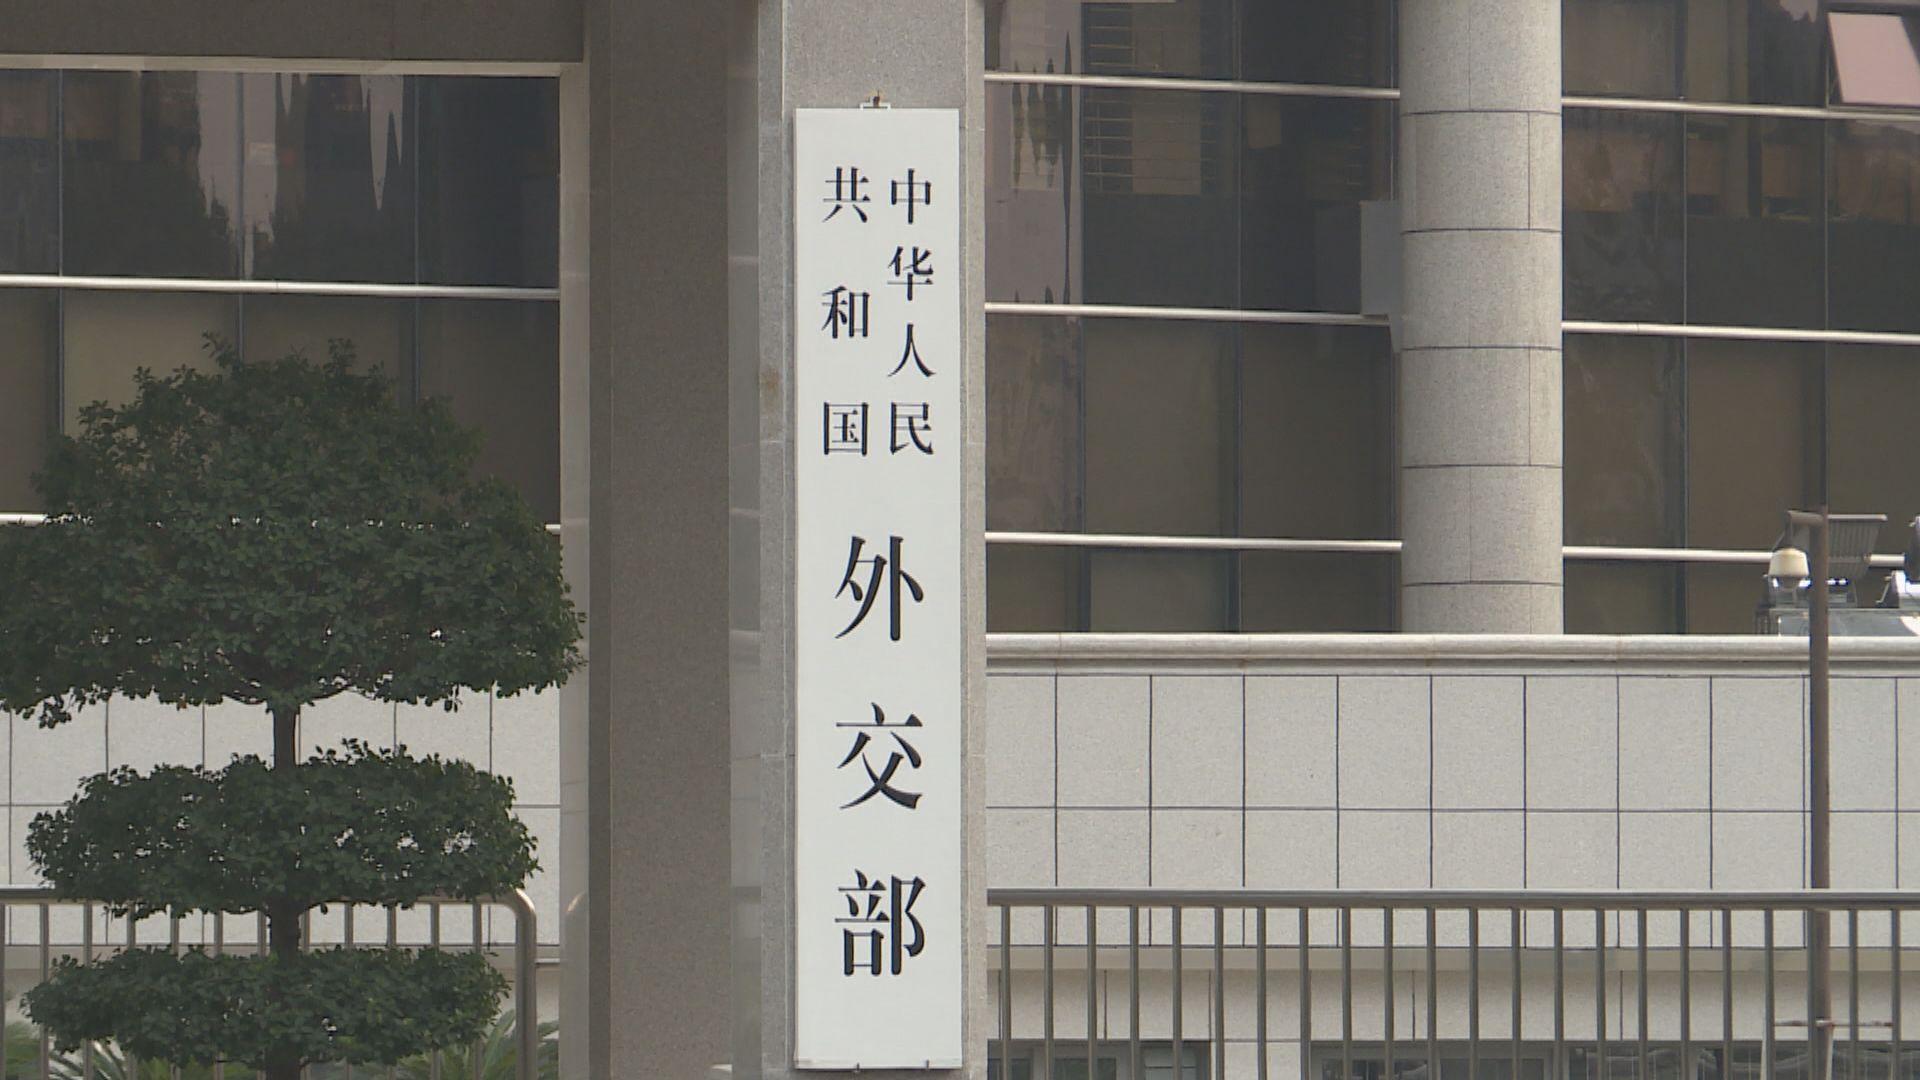 中國宣布暫緩審視美軍艦機訪港申請